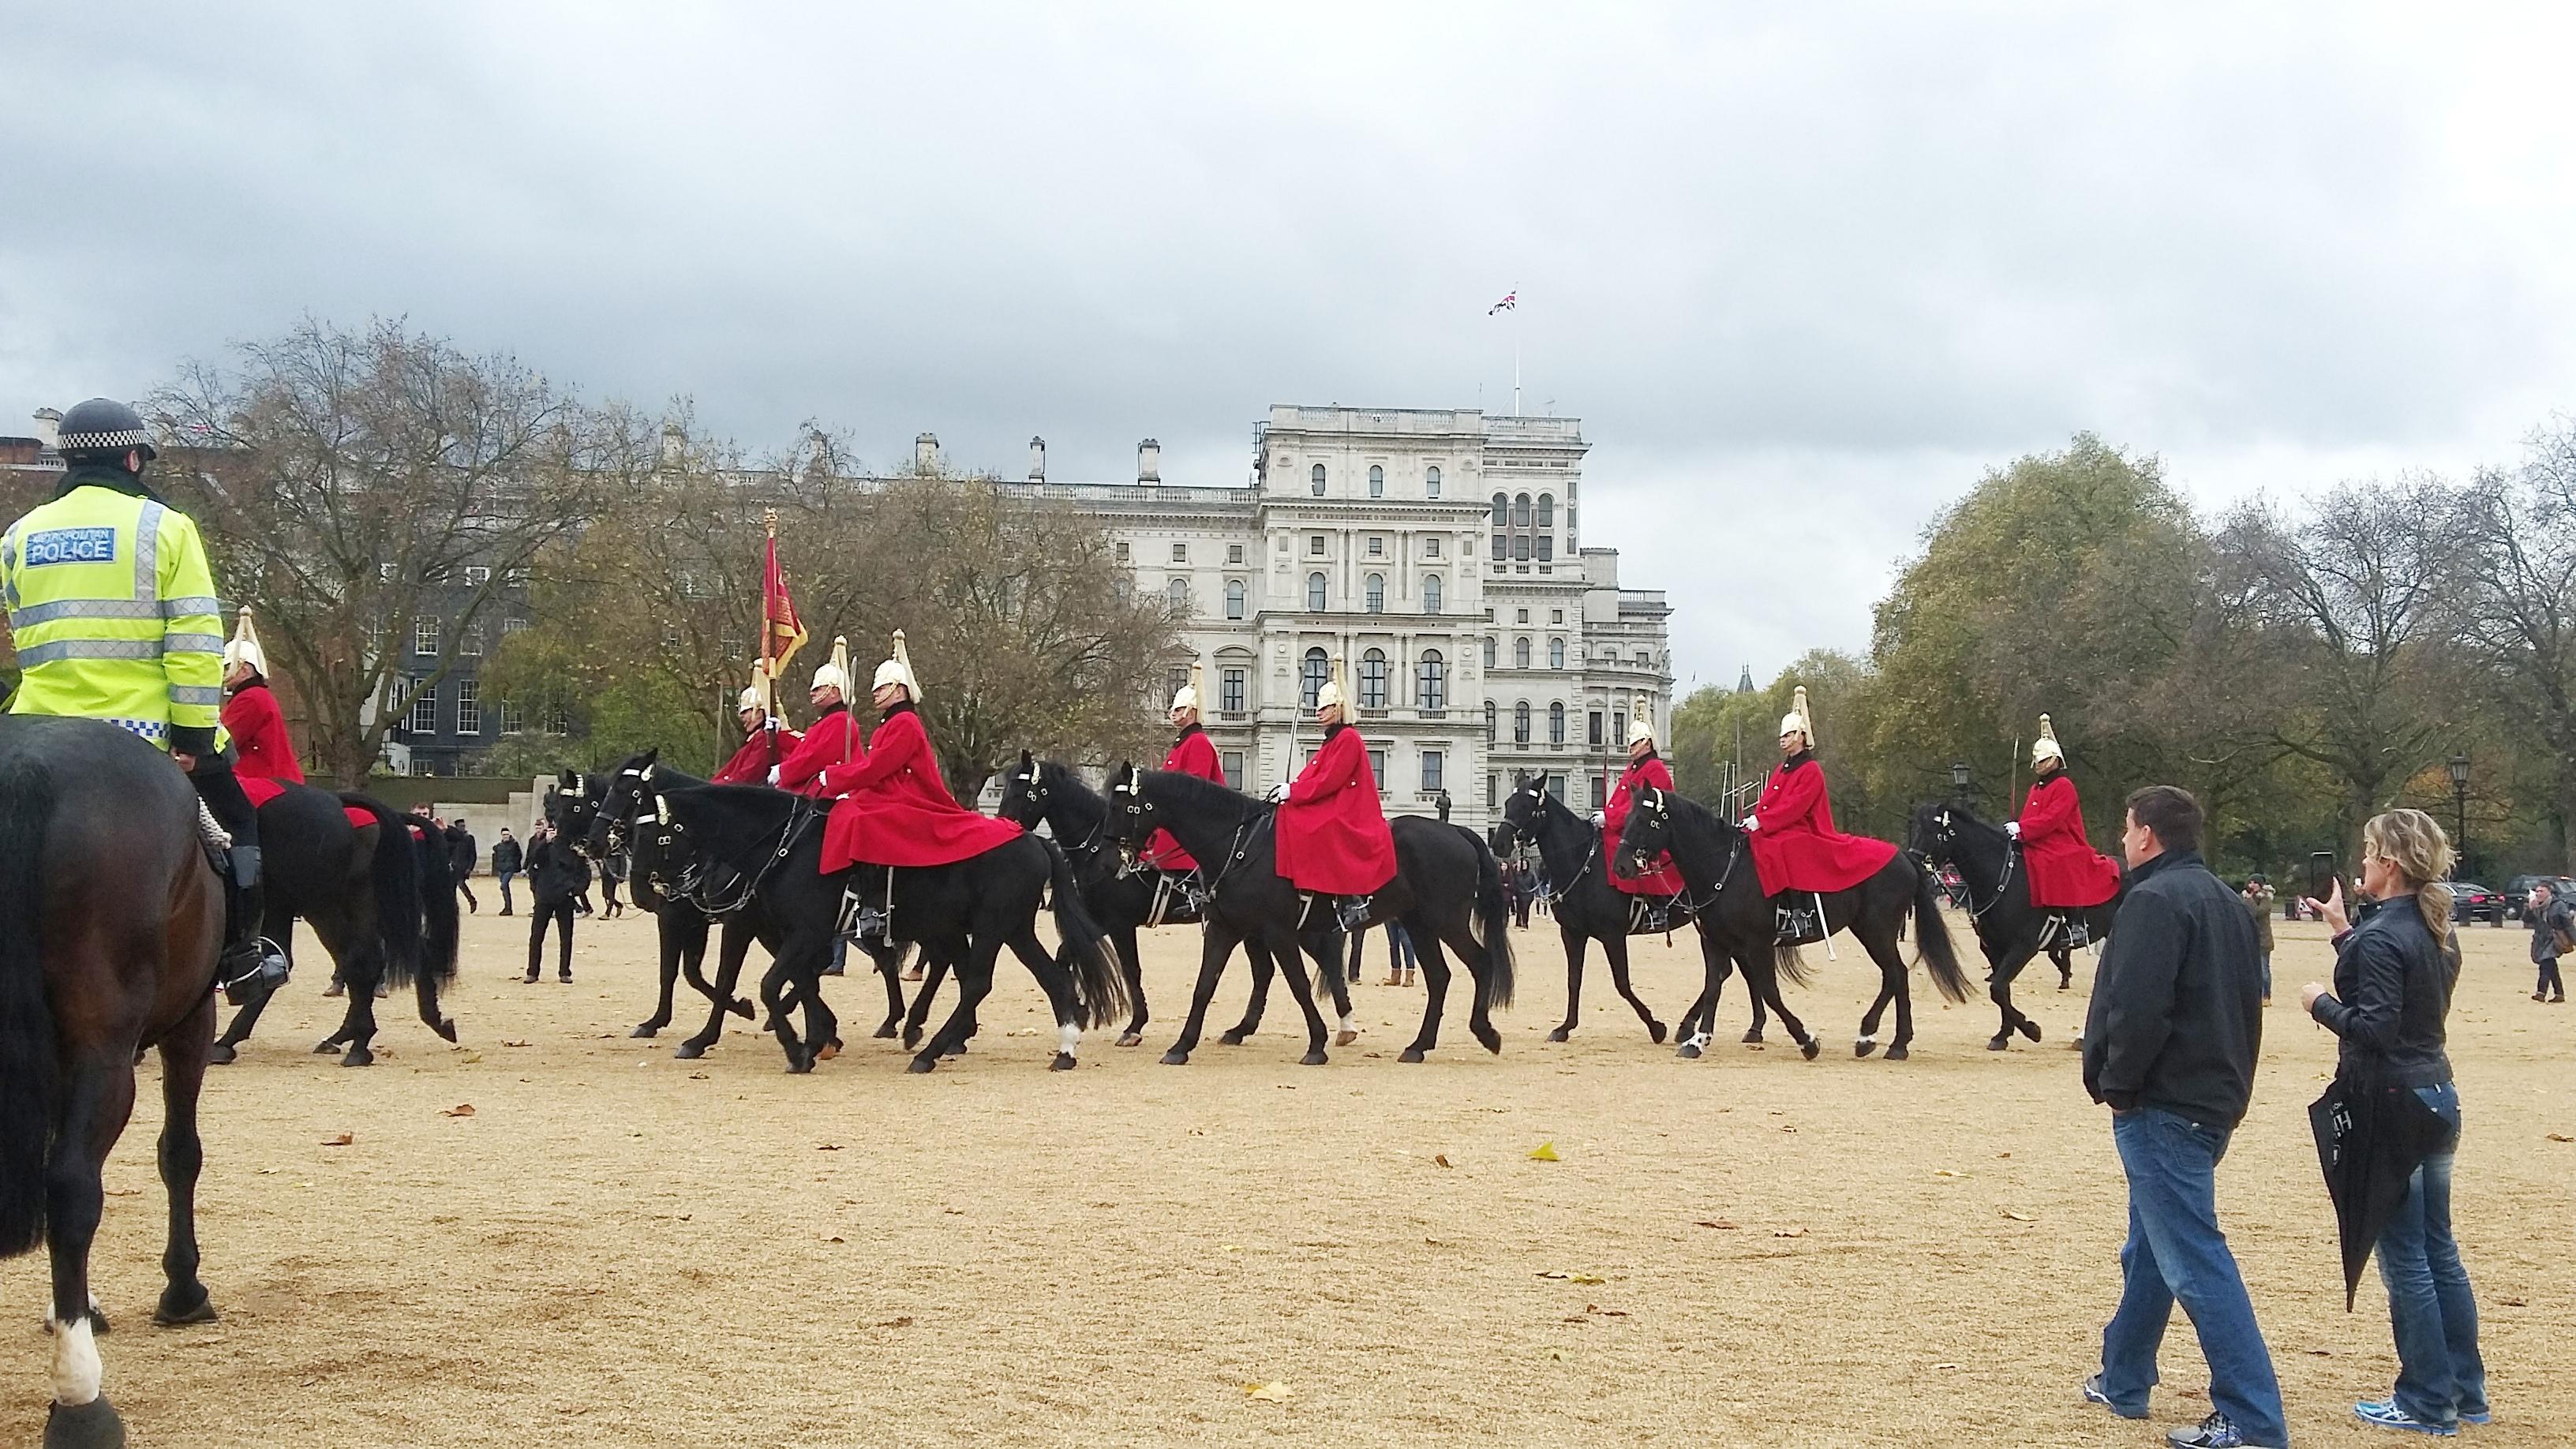 Velká Británie - Anglie - Londýn, tzv. Horse Guards Parade, účastní se královnina osobní stráž, foto A.Frčková